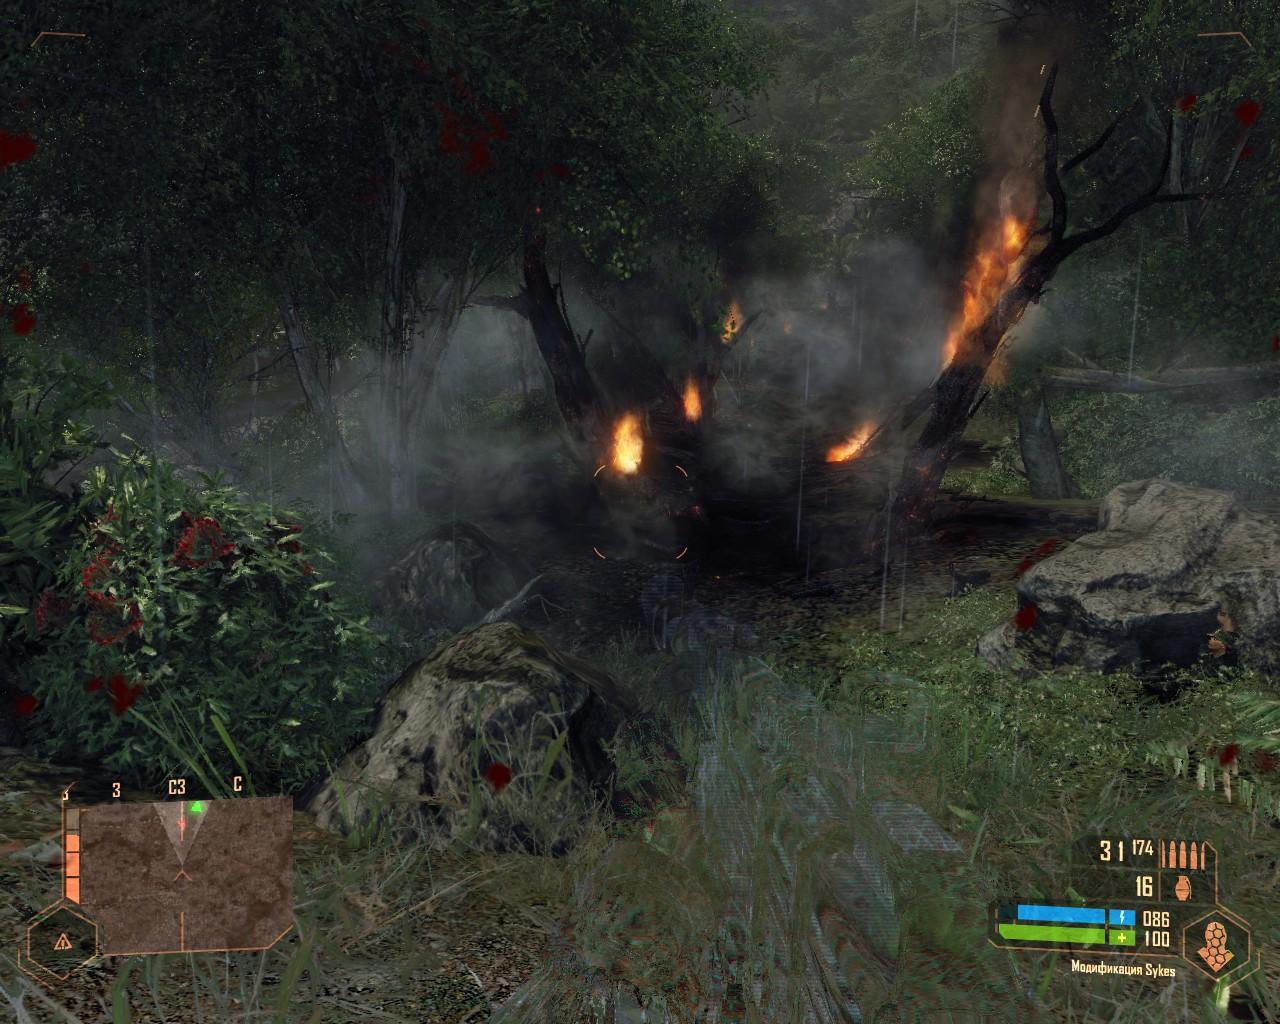 Crysis64 2014-08-12 23-23-40-13.jpg - Crysis Warhead